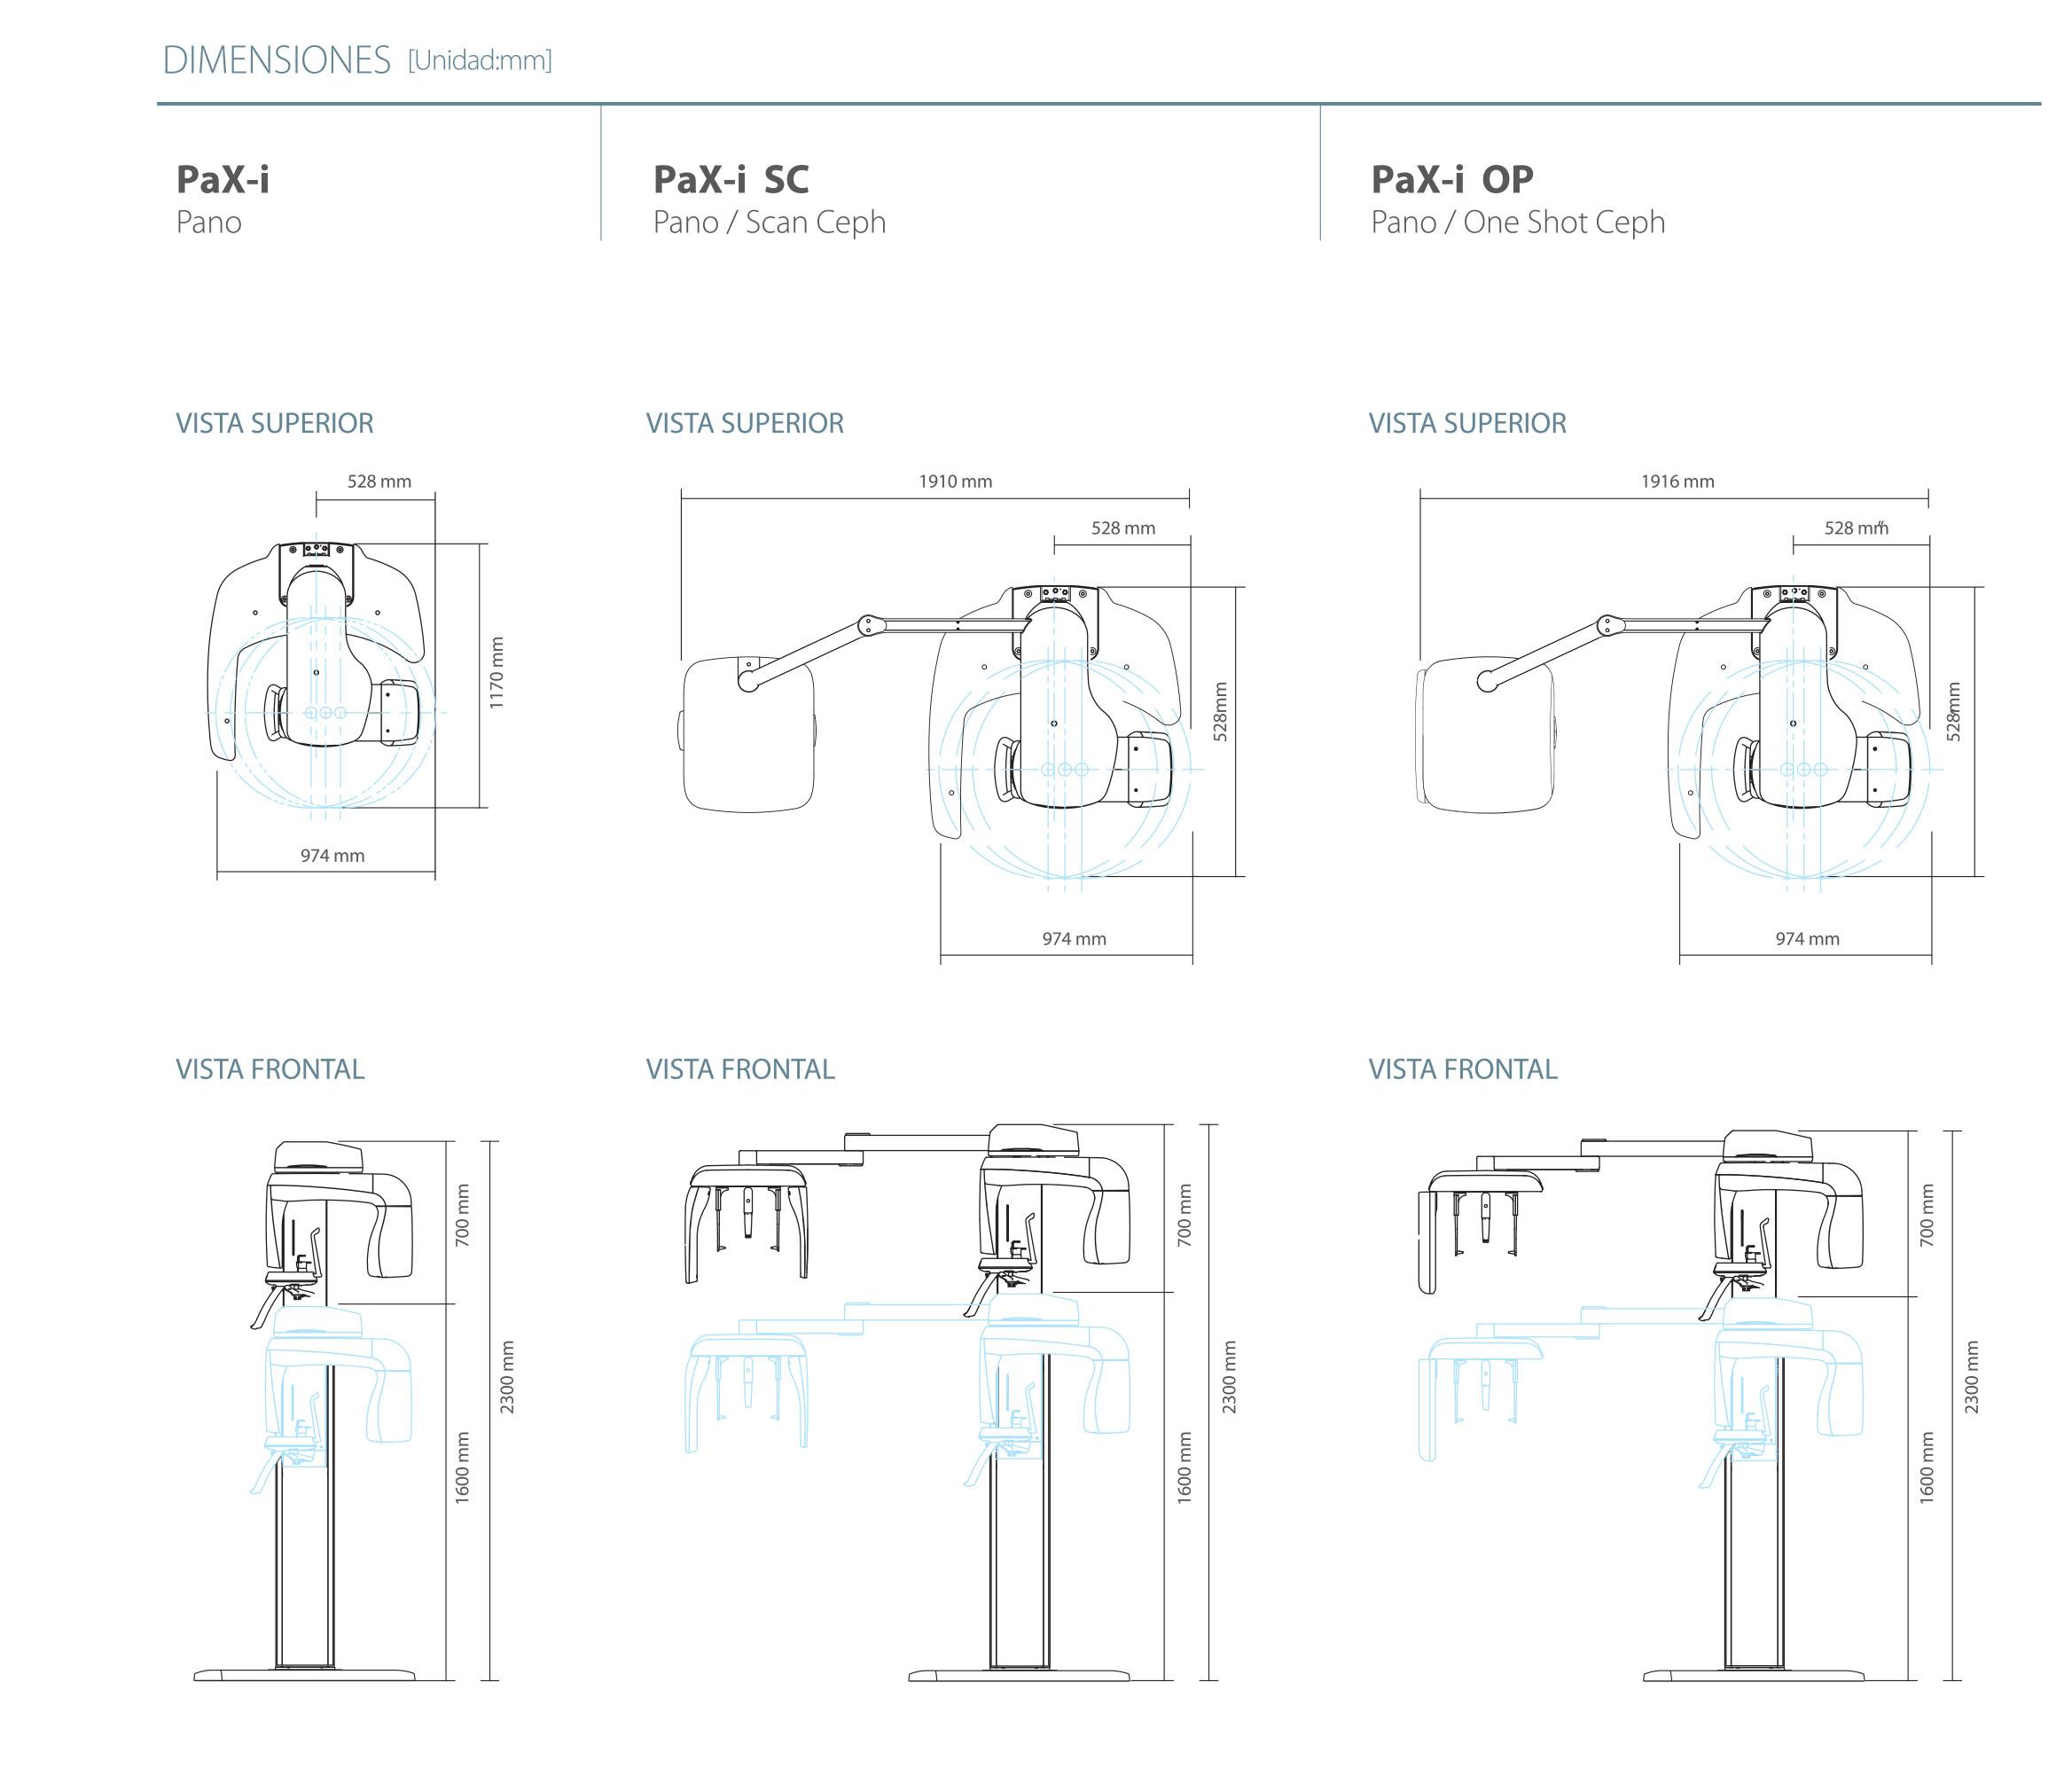 Dimensiones de Nuestro Rayos X Digital Pax-i